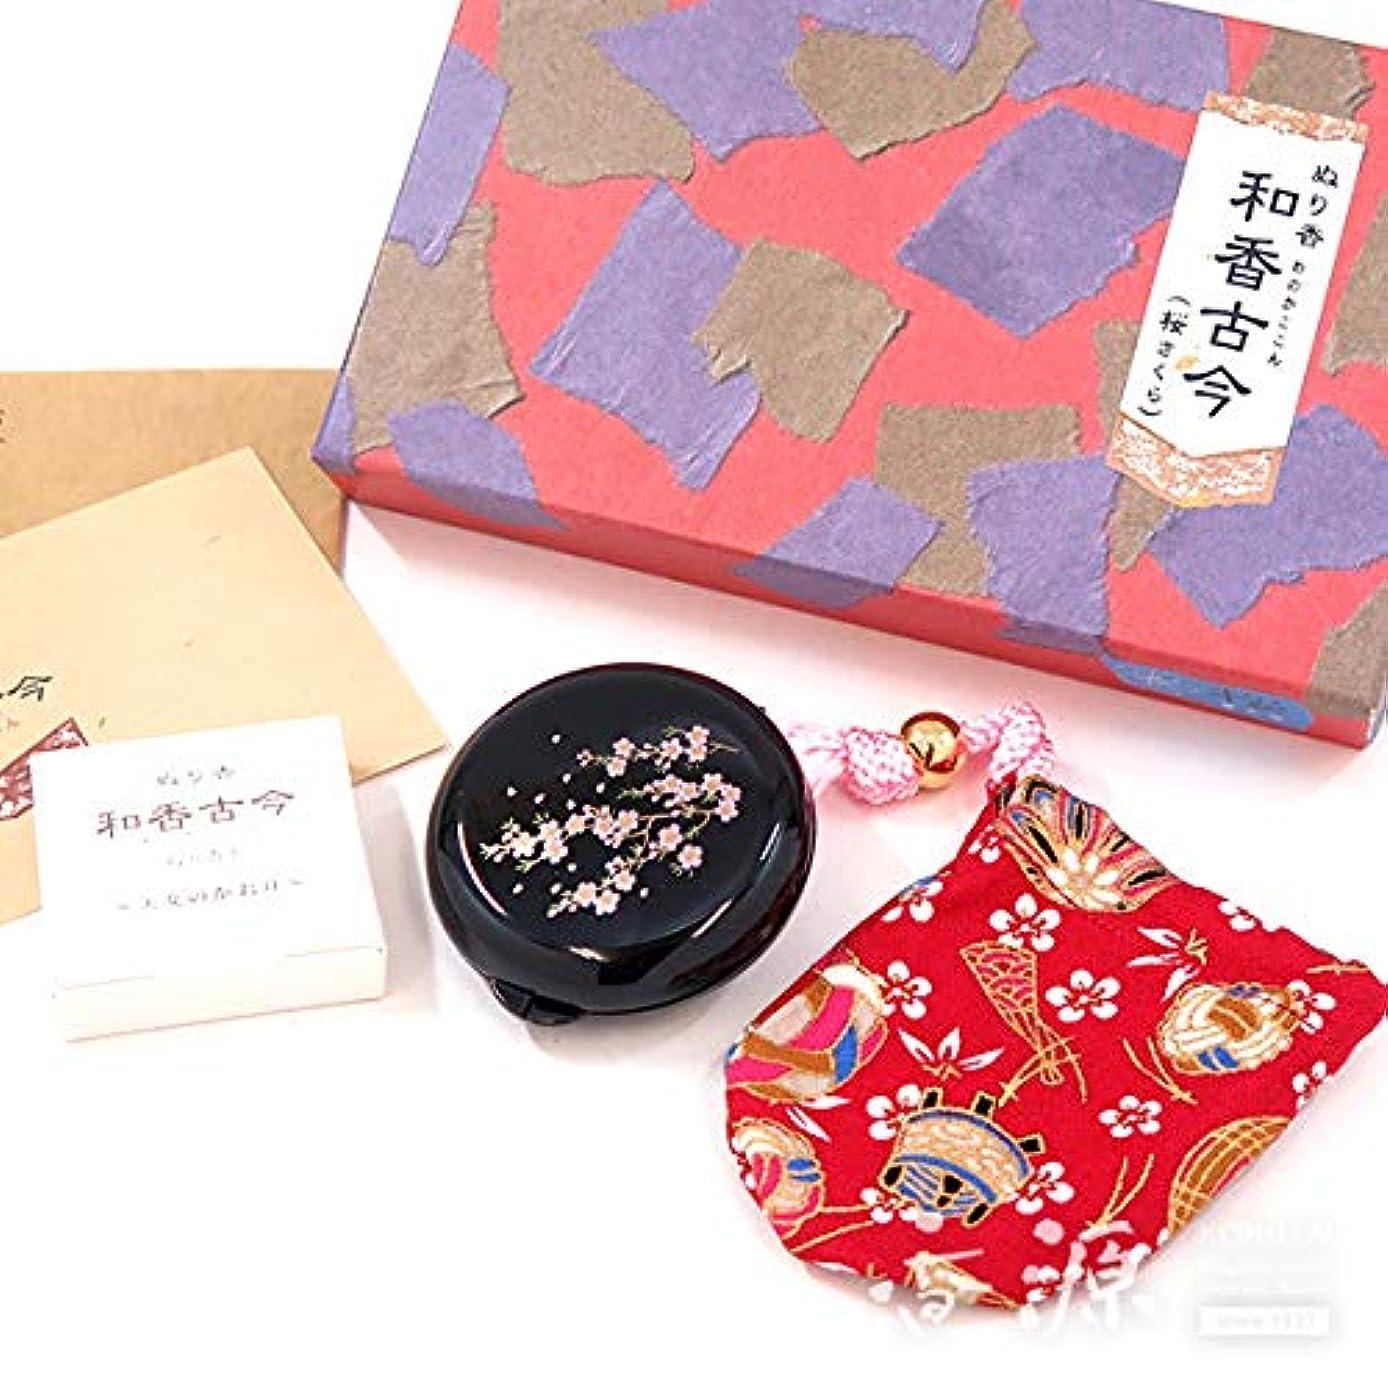 小麦名義でメガロポリス長川仁三郎商店のお香 和香古今(わのかここん)天女の香り 桜(黒のコンパクト)?赤の巾着のセット